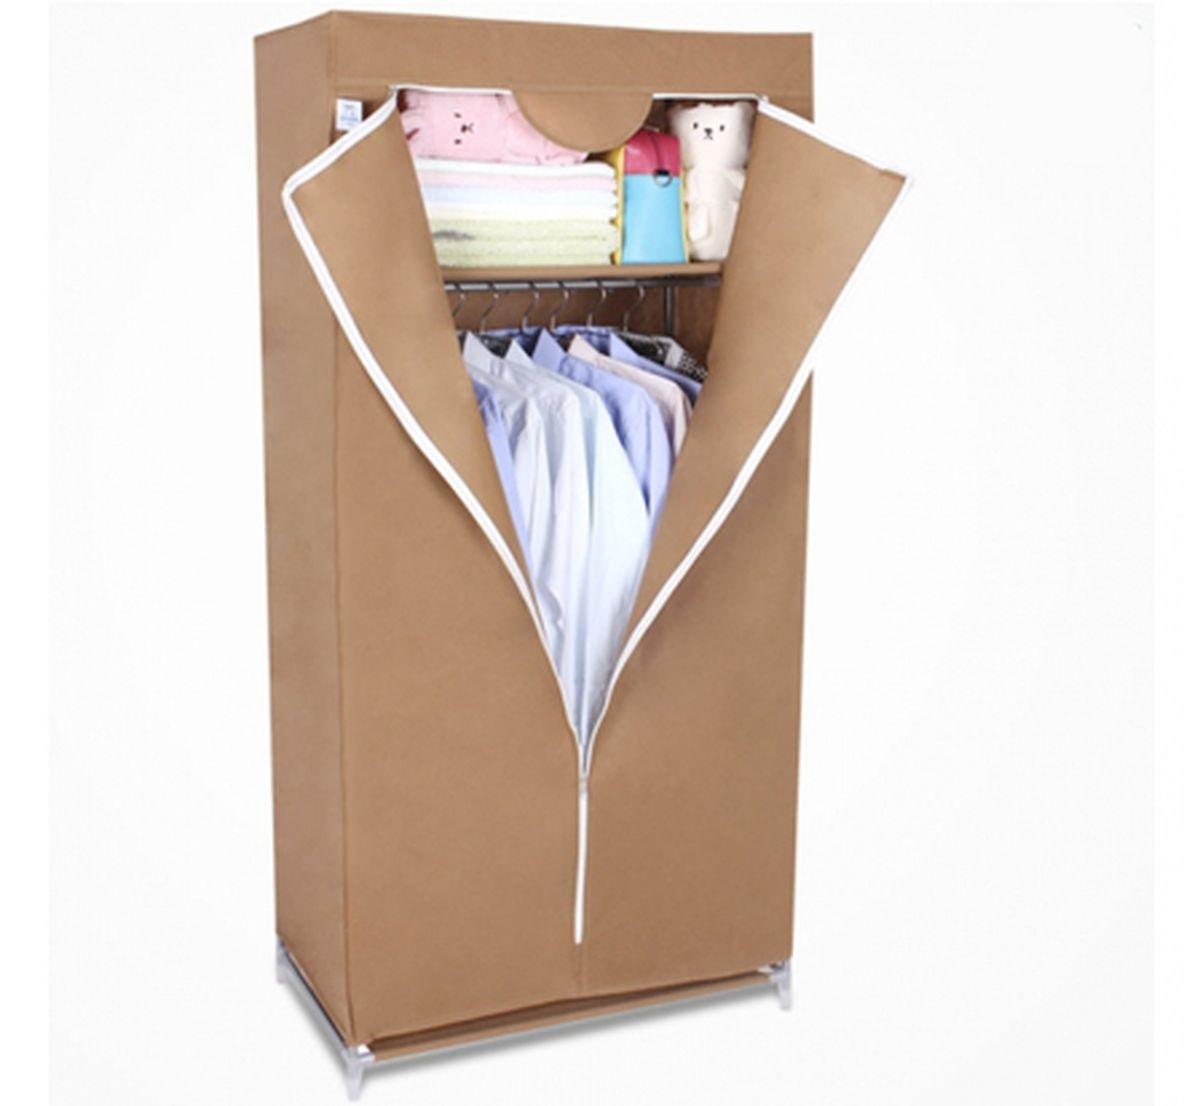 Шкаф Homsu Кармэн, цвет: коричневый, 68 x 45 x 155 смRG-D31SШкаф Homsu Кармэн выполнен из текстиля. Сборная конструкция такого шкафа состоит из металлических деталей каркаса, обтянутых сверху прочной и легкой тканью. Этот шкаф предназначен в создании полноценного порядка. Изделие имеет удобную полку для складывания одежды 65 х 45 см и перекладину той же ширины для подвешивания курток, пальто, рубашек, свитеров и других вещей. Кроме своей большой практичной пользы, данный мебельный предмет также сможет очень выгодно дополнить имеющийся интерьер в помещении. Верхняя тканевая обивка, при этом, всегда может быть легко и быстро снята, если ее необходимо будет постирать или заменить.